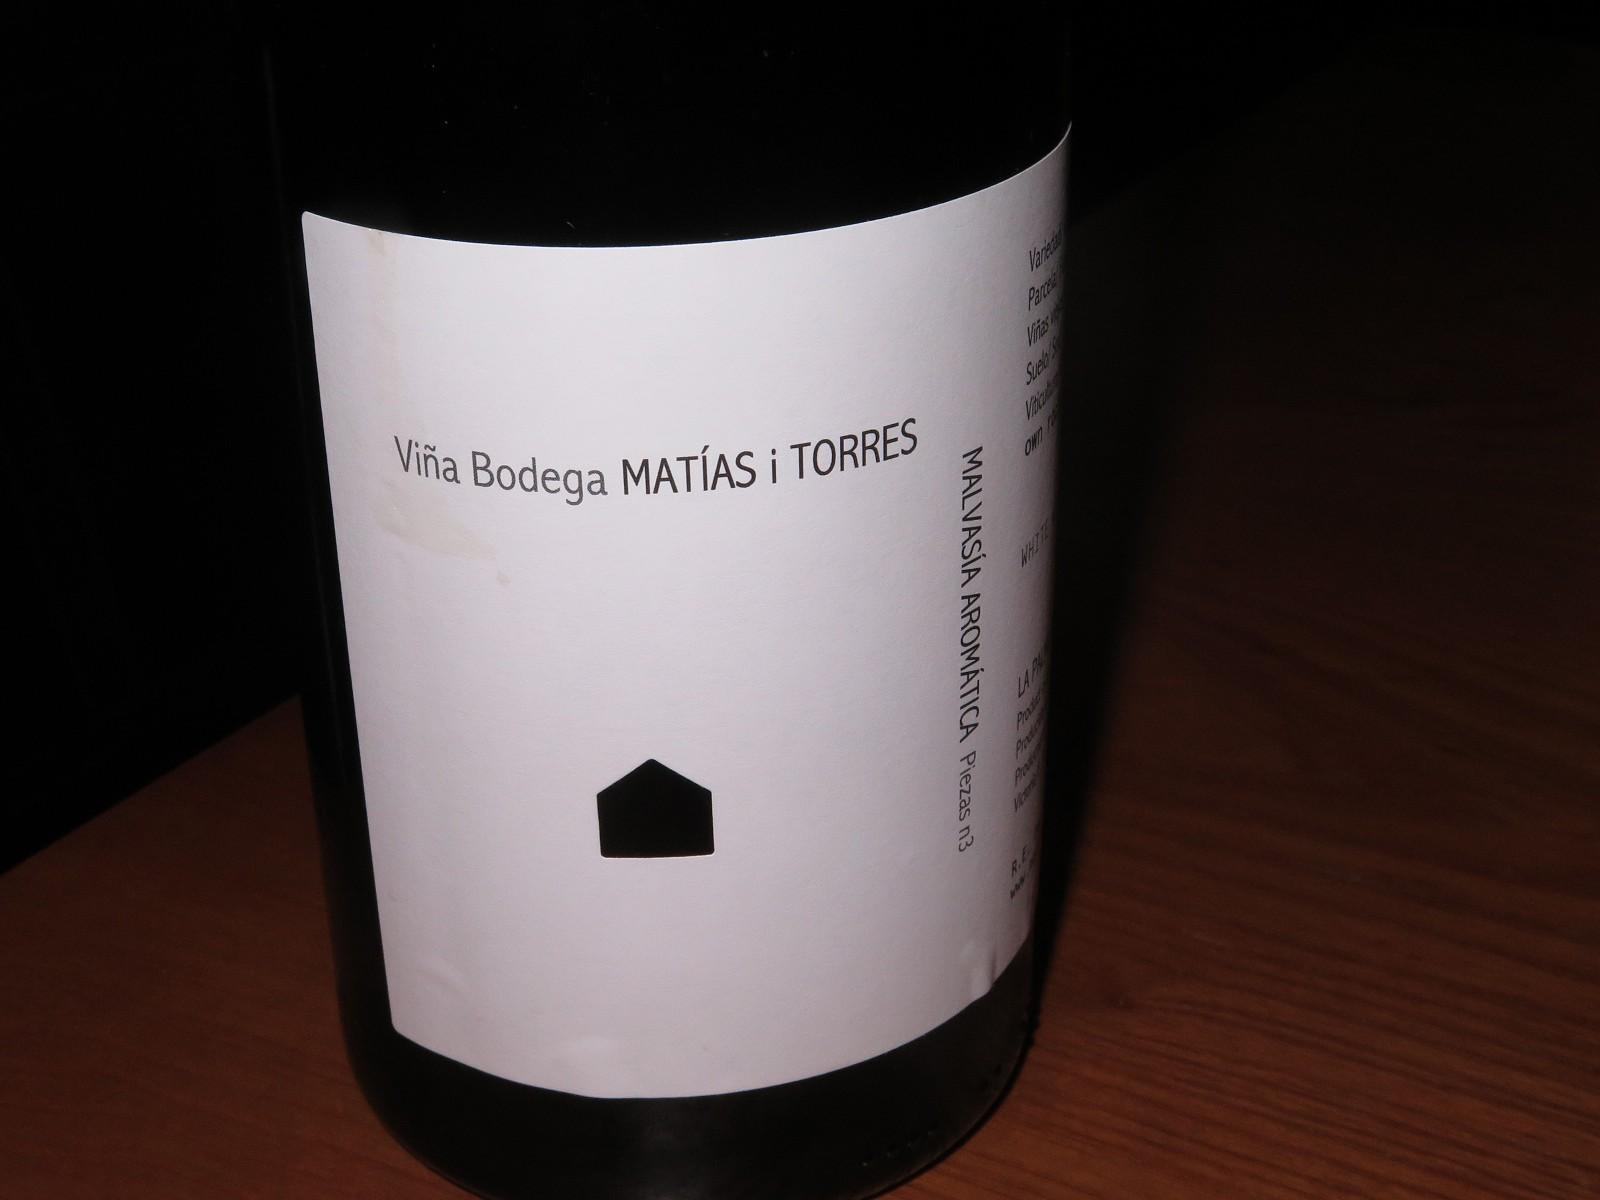 Matías i Torres, Malvasía Aromática, branco, 2015